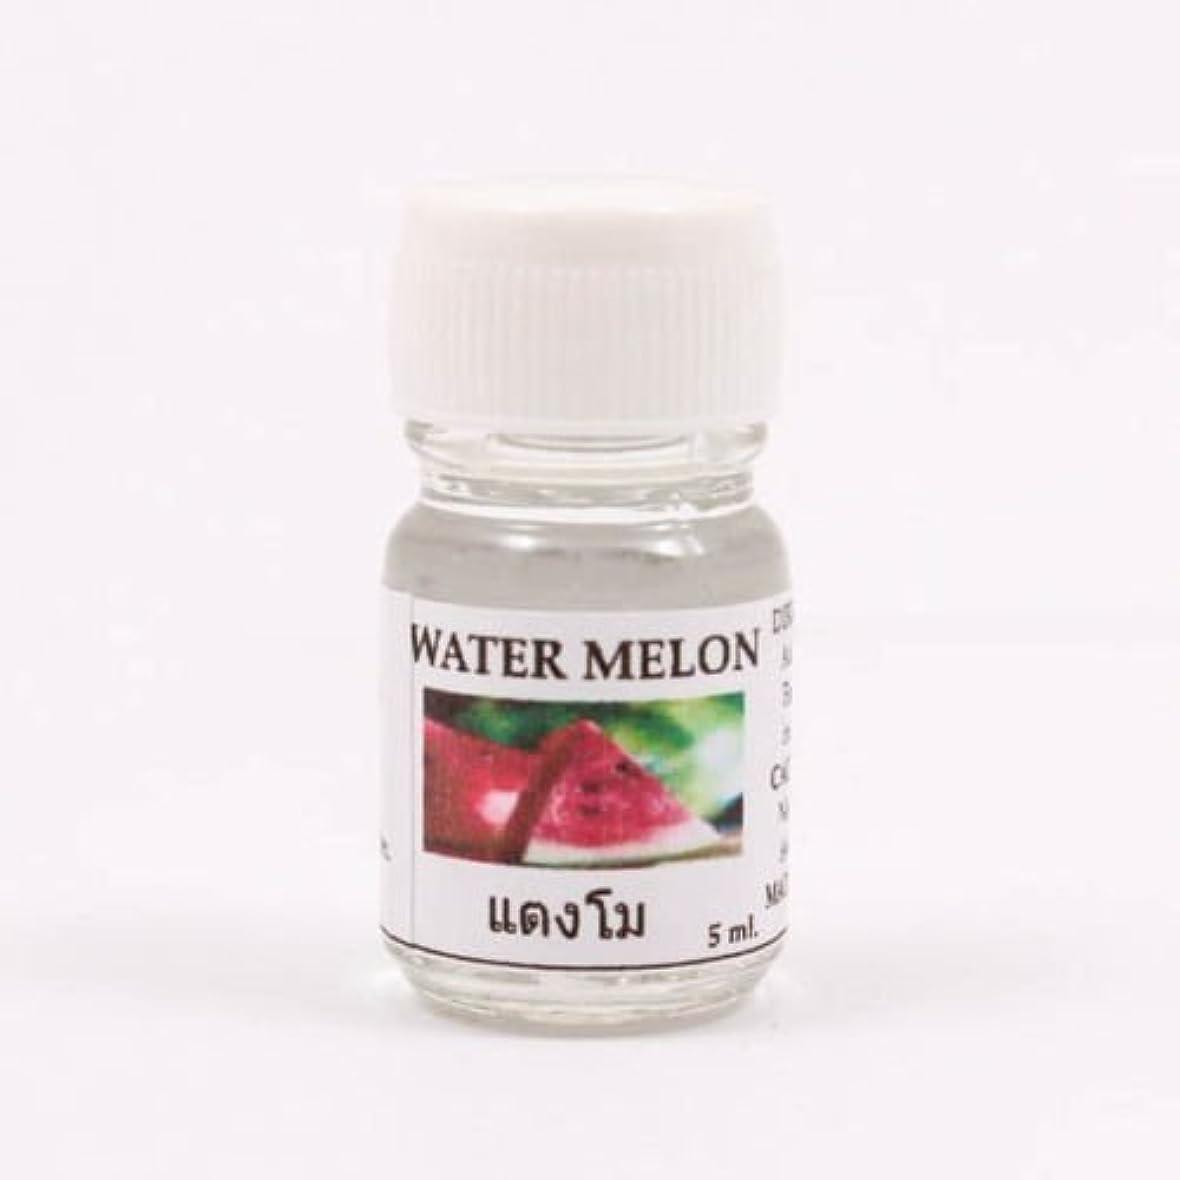 気を散らす布不良品6X Water Melon Aroma Fragrance Essential Oil 5ML Diffuser Burner Therapy